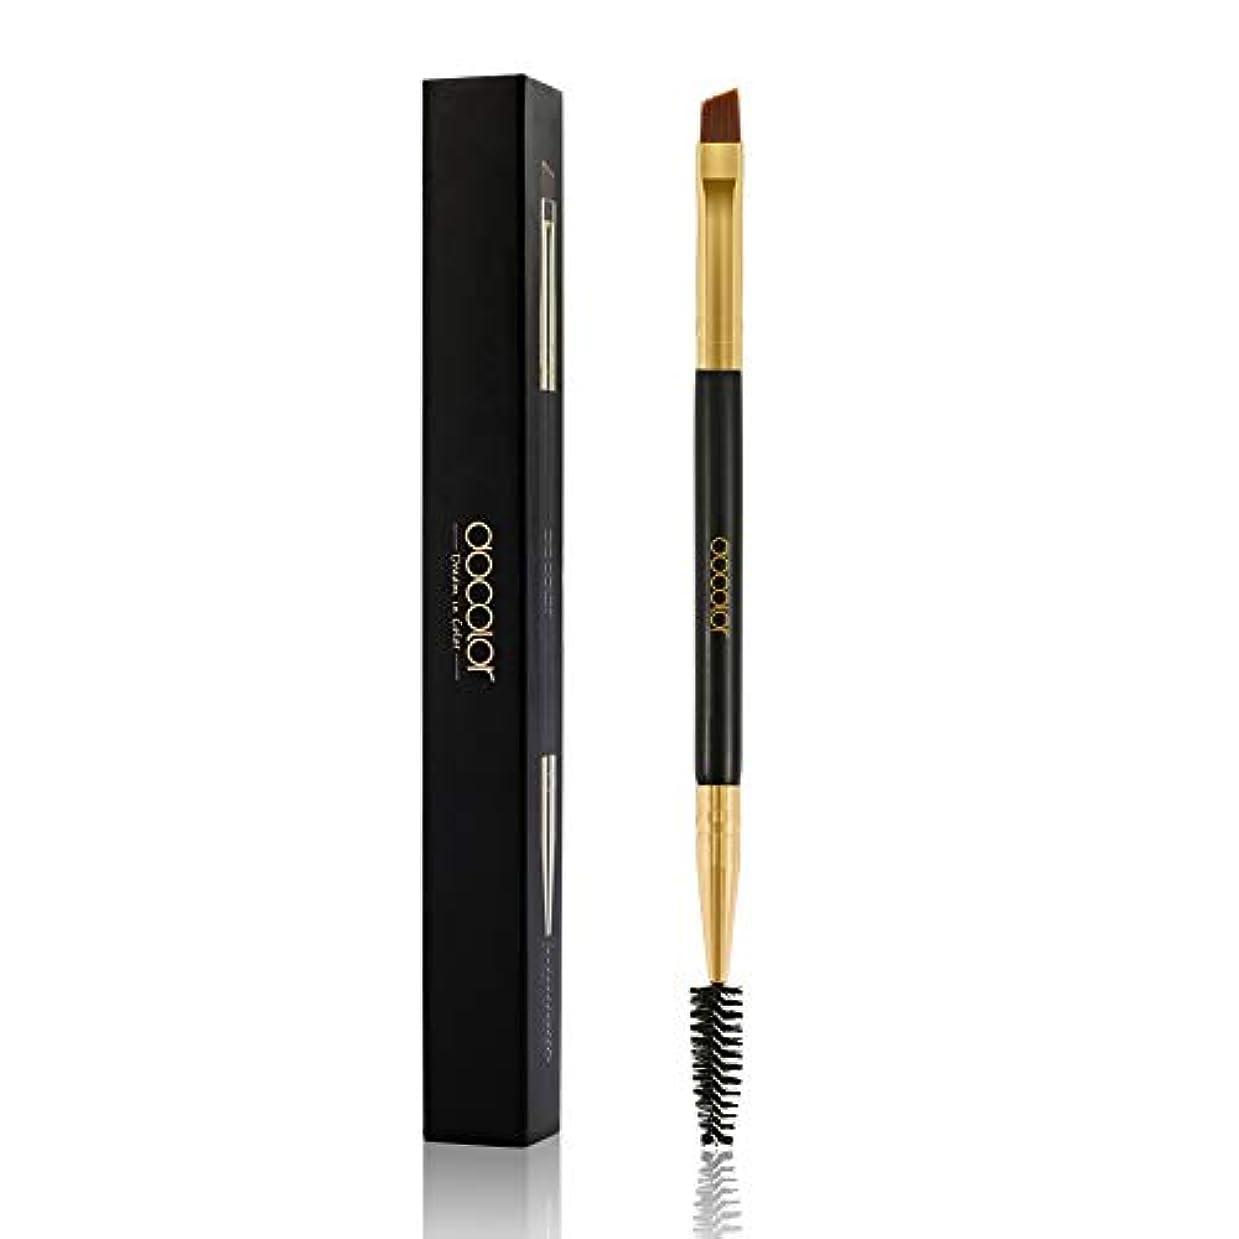 餌デジタルスカリーDocolorドゥカラー 両頭タイプの眉ブラシ アイブロウブラシ&スクリューブラシ 眉&まつ毛を梳かすために使う化粧用のブラシ 1本